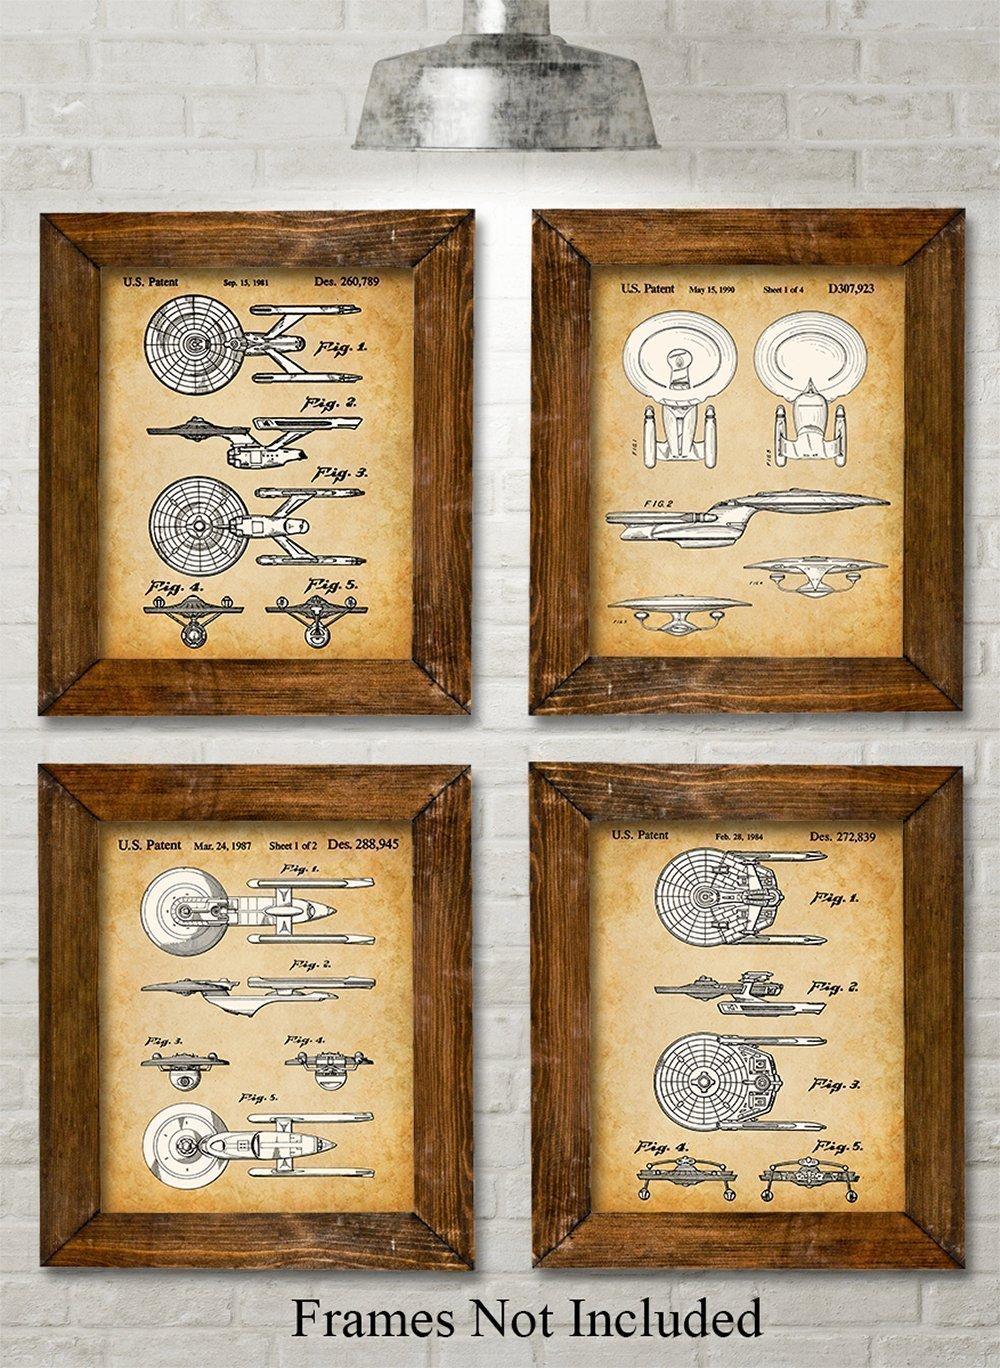 Star Trek Original USS Enterprise Patent Art Prints - Set of Four Photos (8x10) Unframed - Great Gift for Trekkies